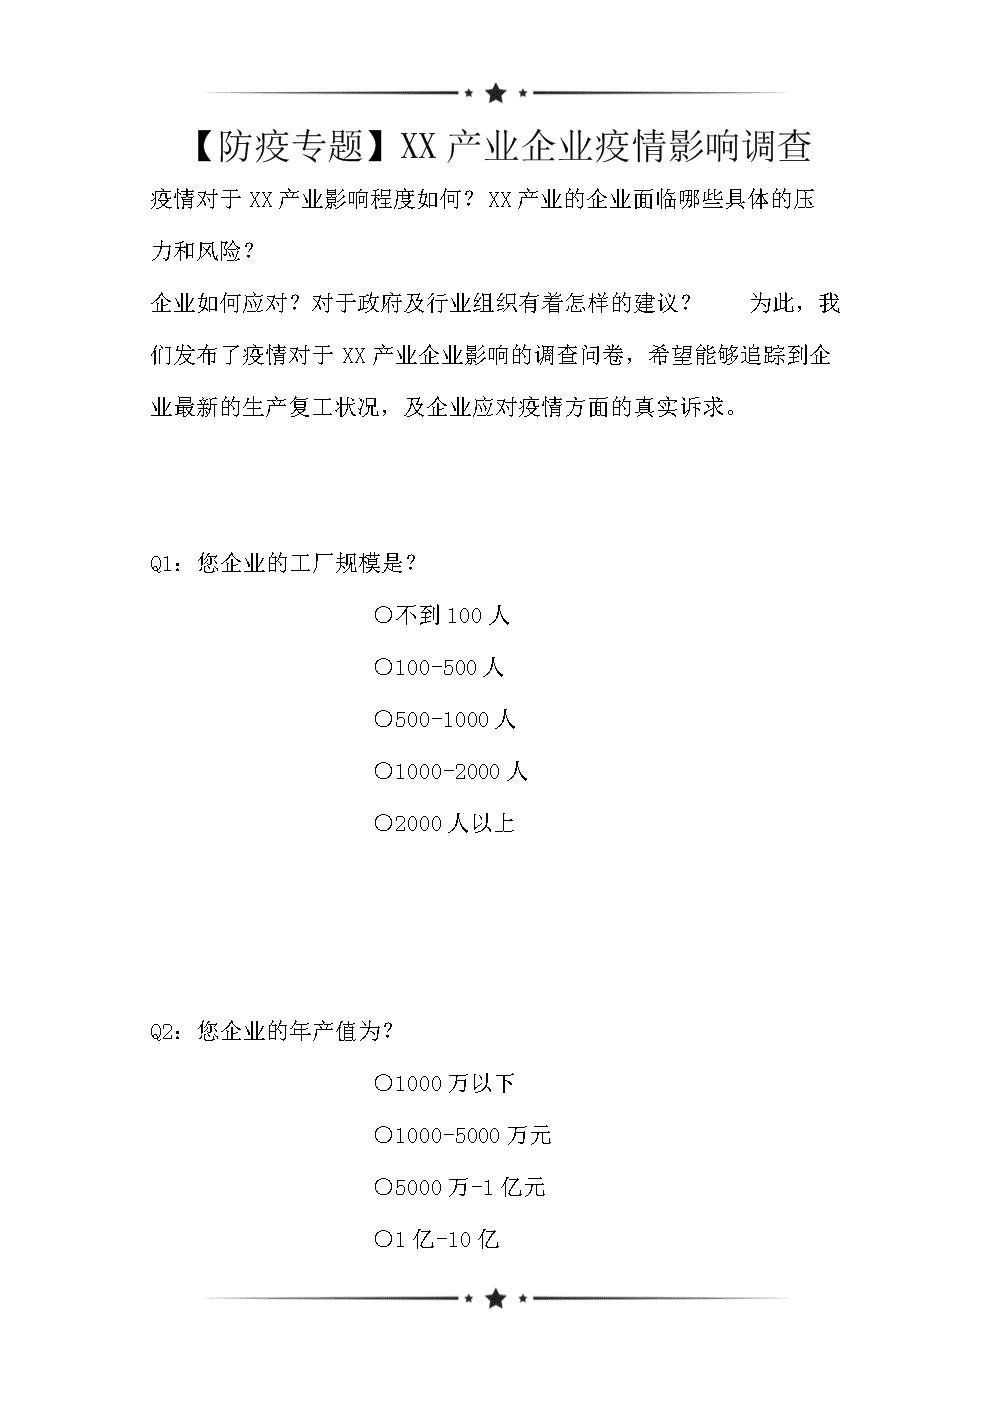 【防疫专题】XX产业企业疫情影响调查(可编辑).doc